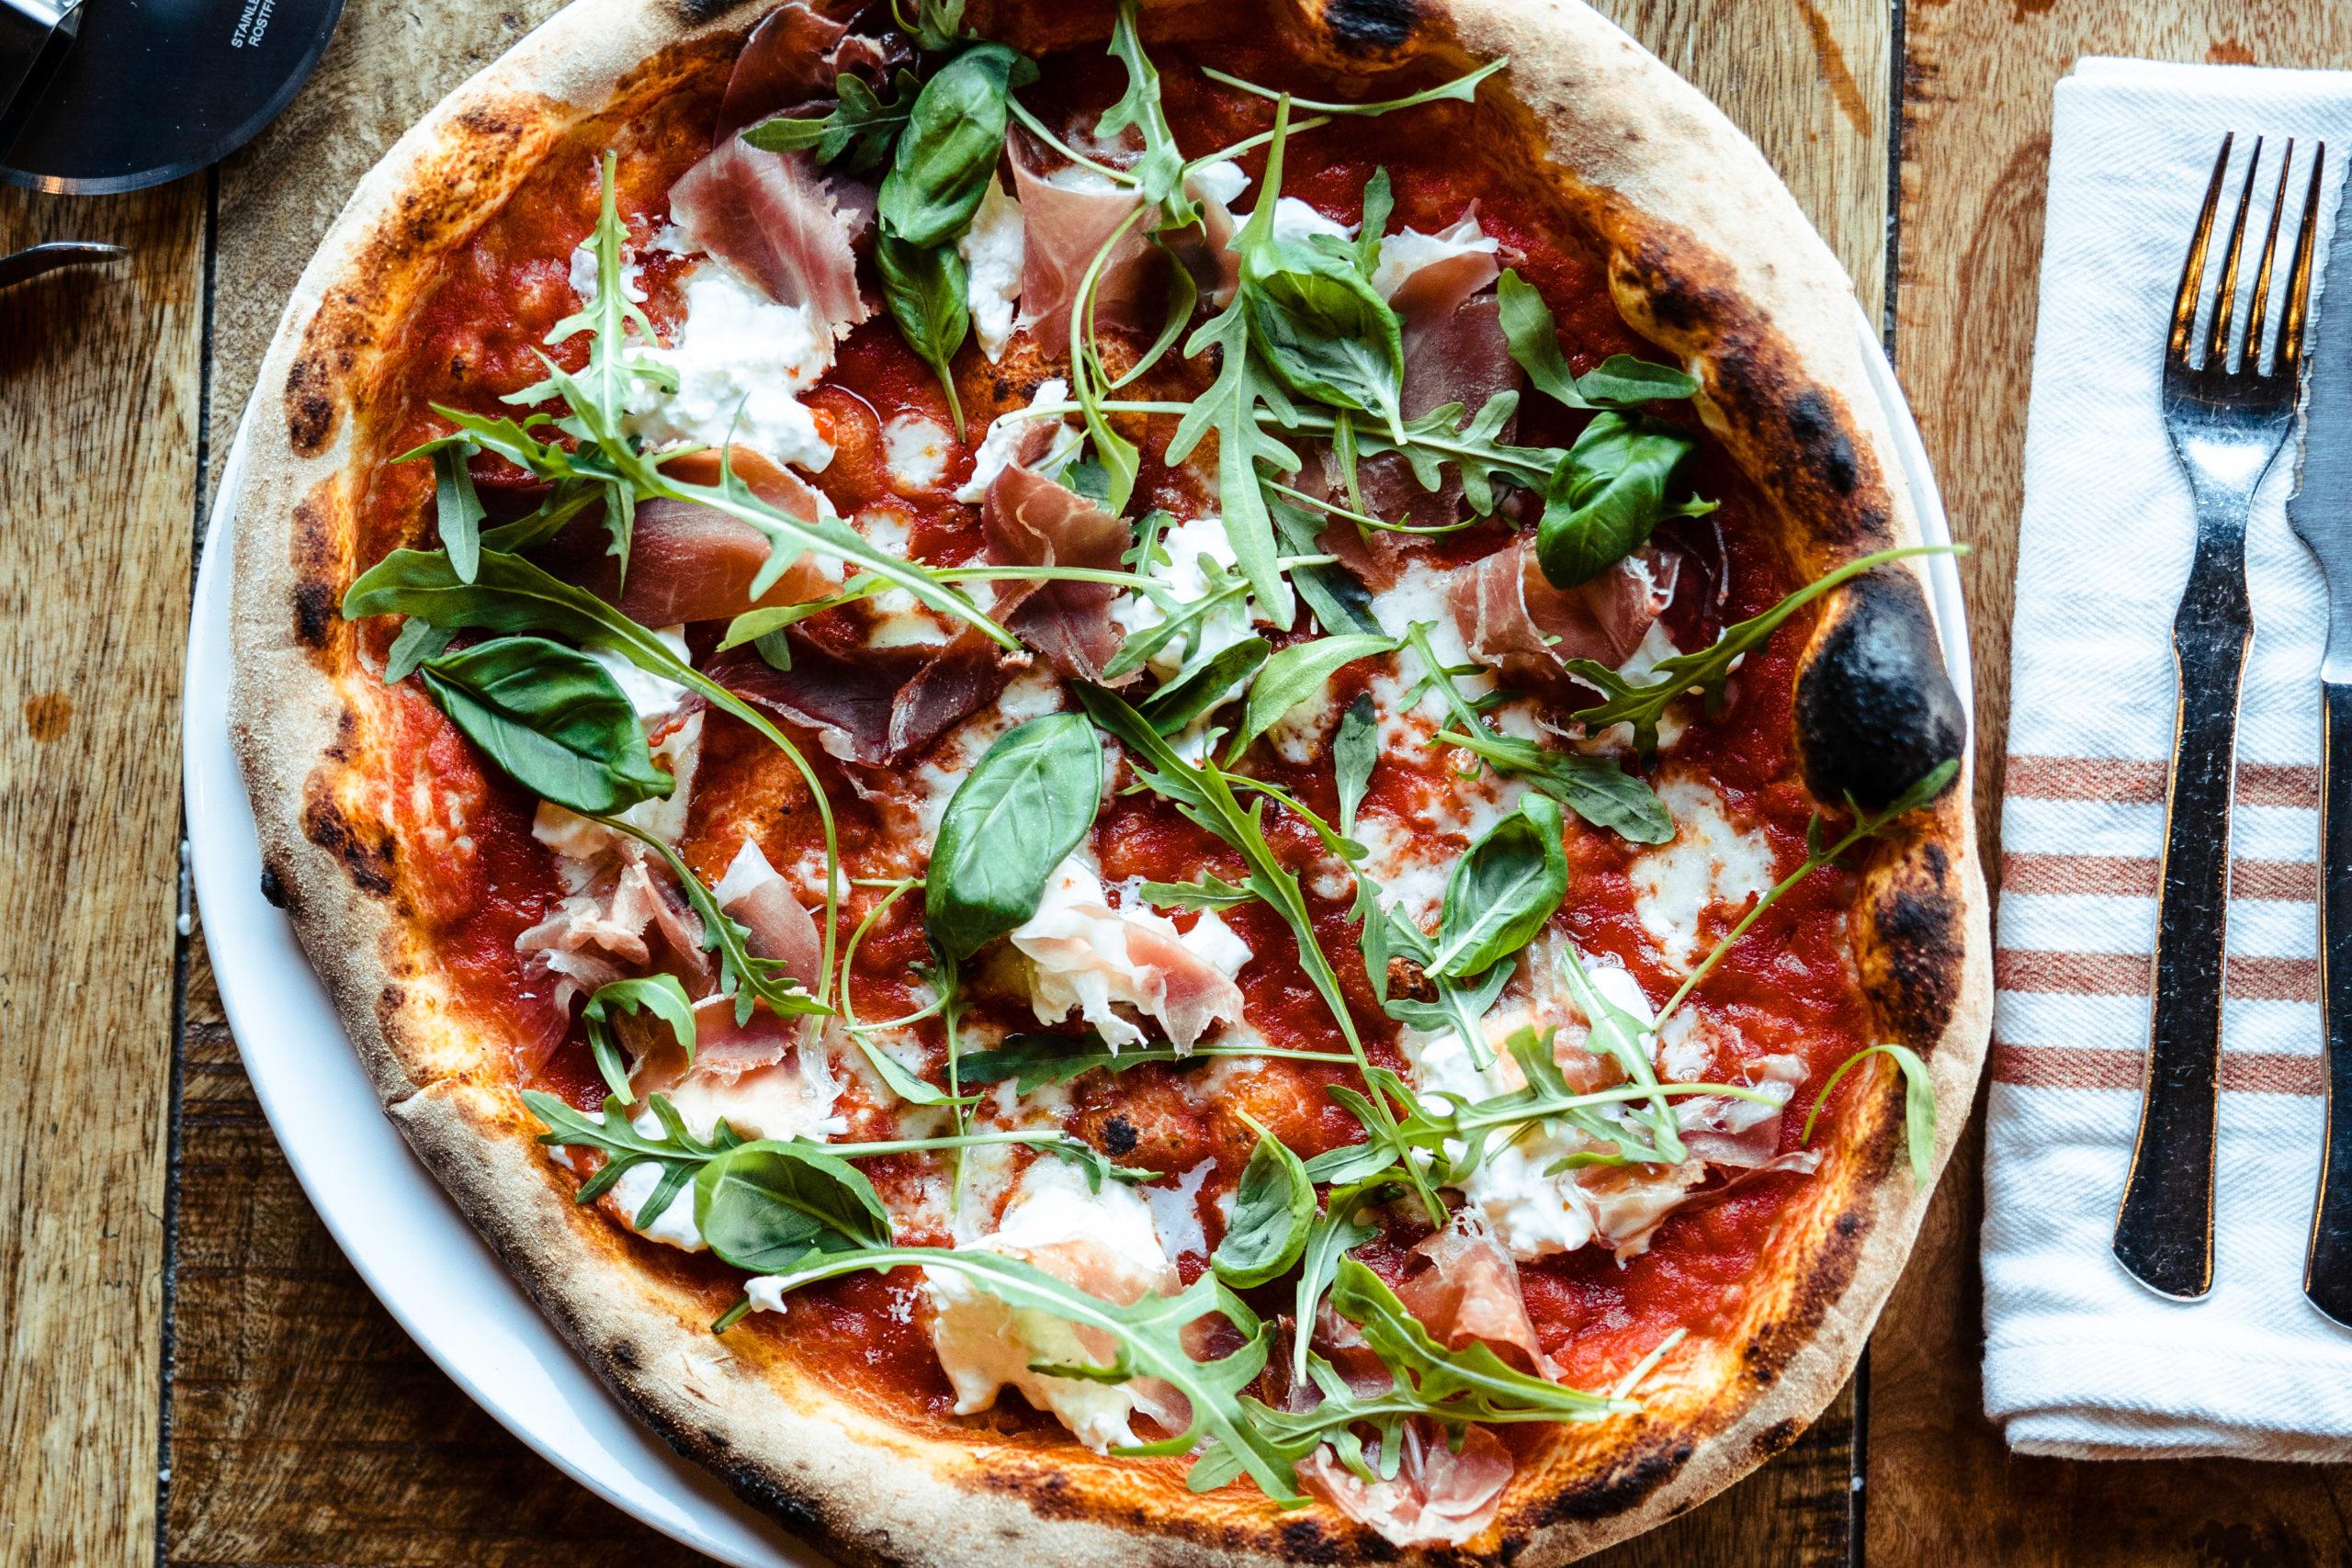 Steinovnsbakt italiensk pizza fra Bjørk